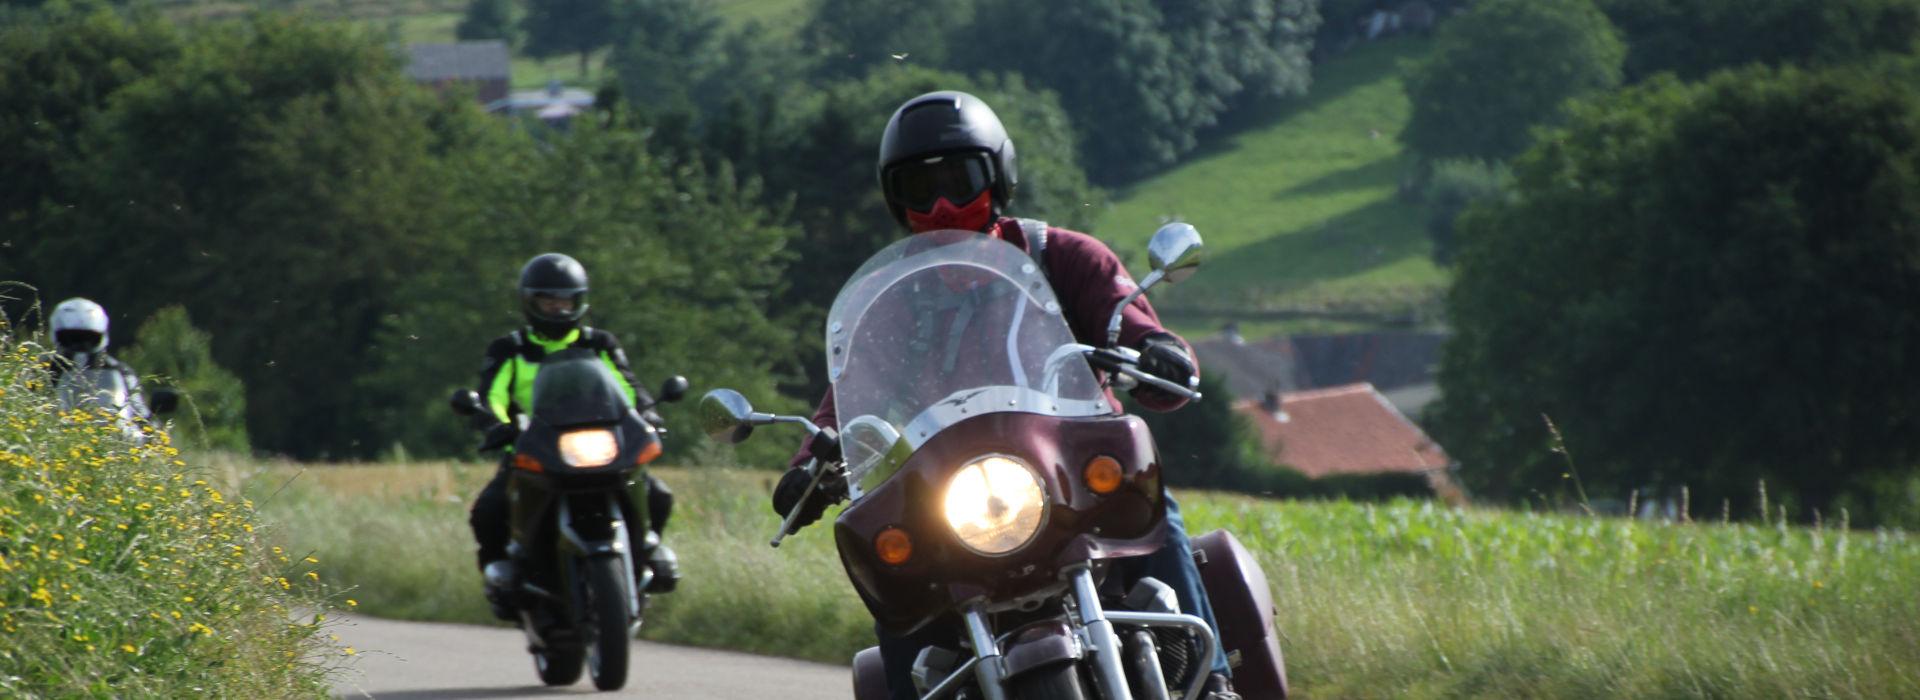 Motorrijschool Motorrijbewijspoint Maasbracht motorrijlessen